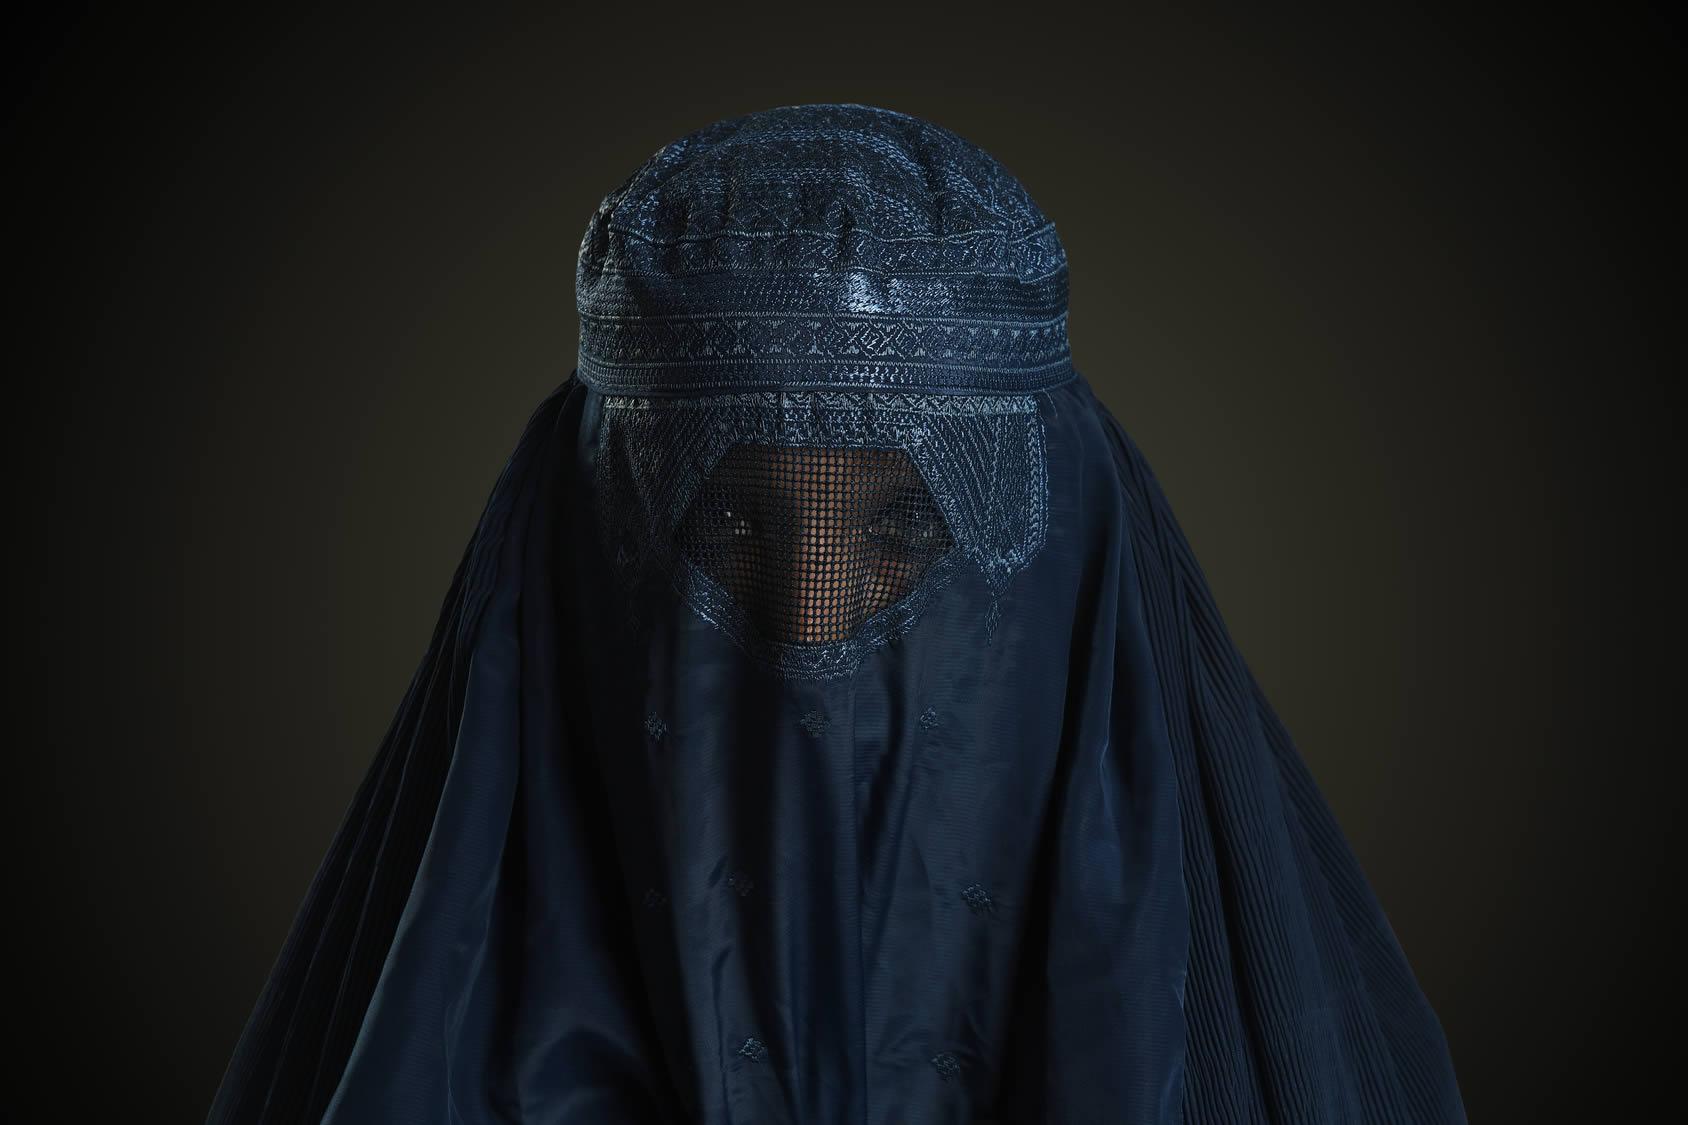 Hombre vestido con burka roba casi 1 millón de dólares en joyas en Nueva York